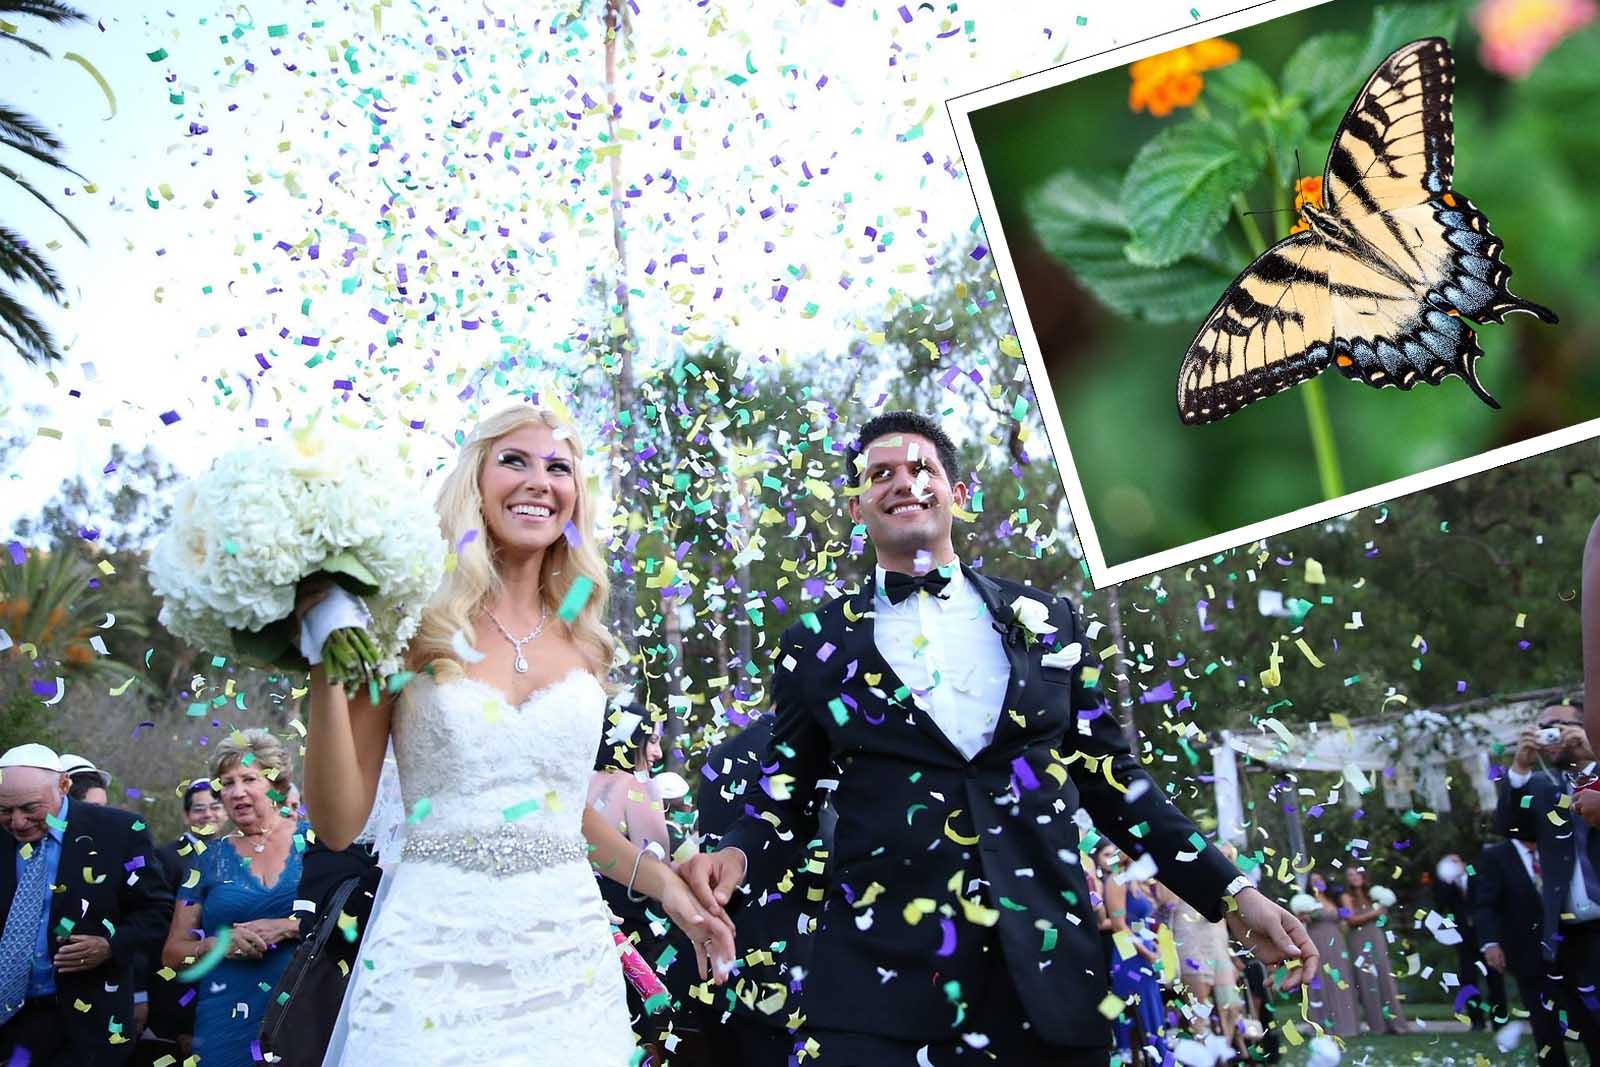 Schmetterlinge zur Hochzeit: Viele werden zerquetscht!